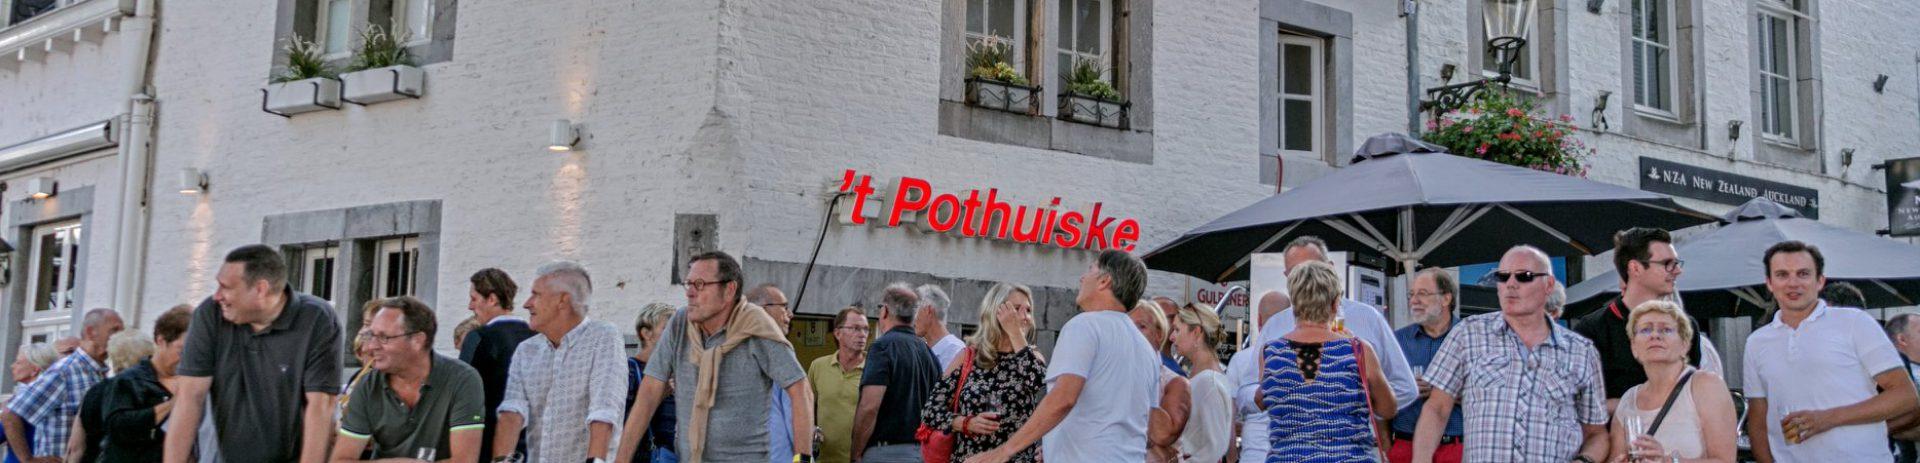 Café 't Pothuiske